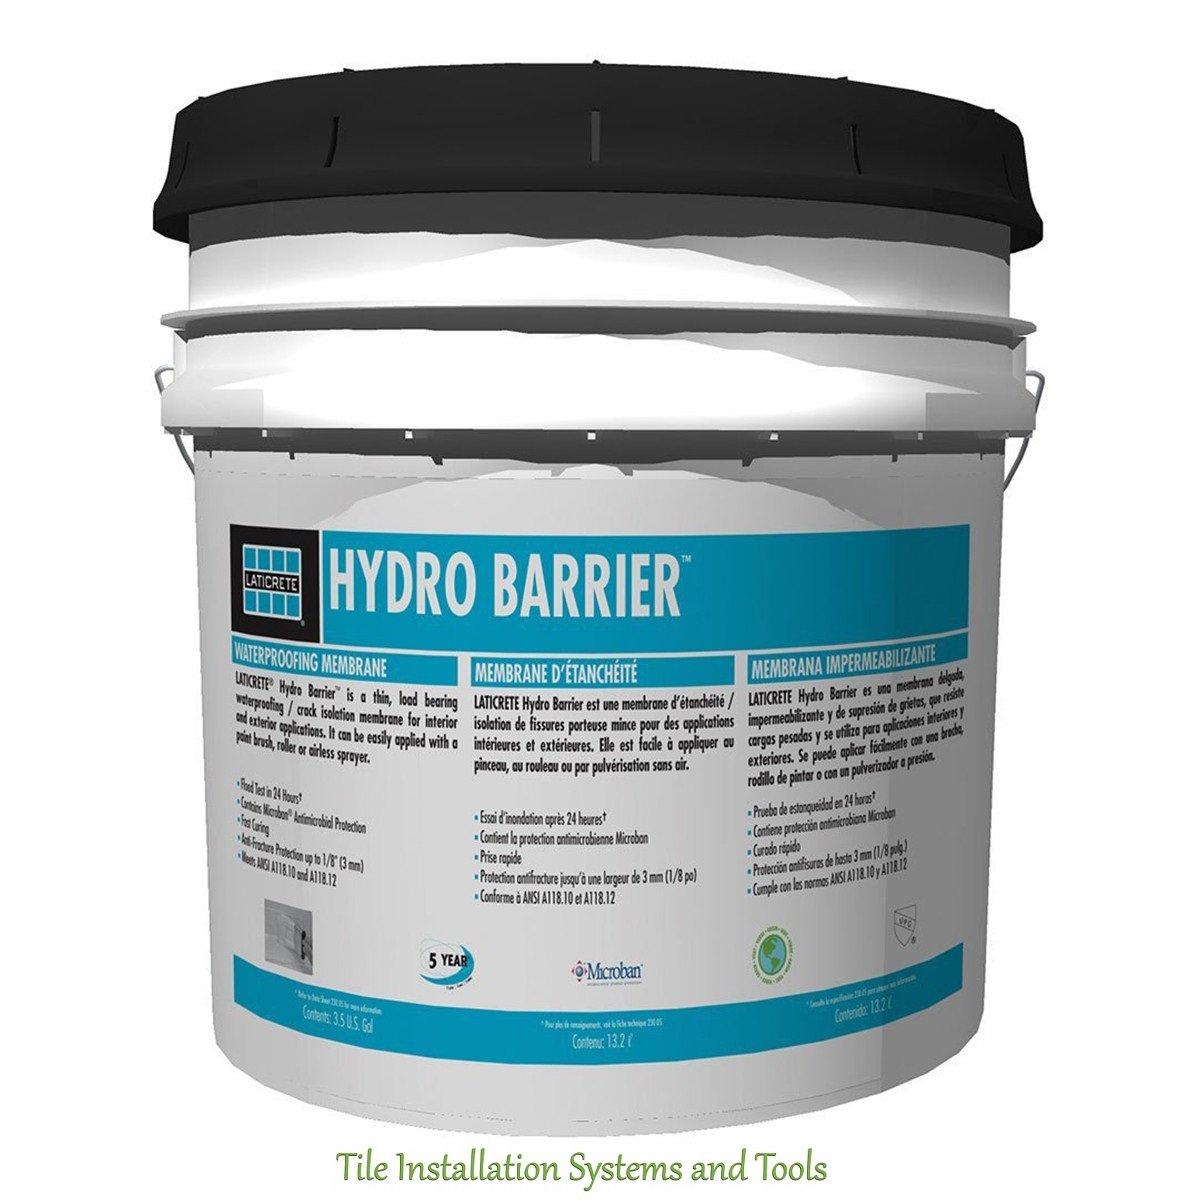 Laticrete Hydro Barrier (1 Gallon) - Tile Grout - Amazon.com